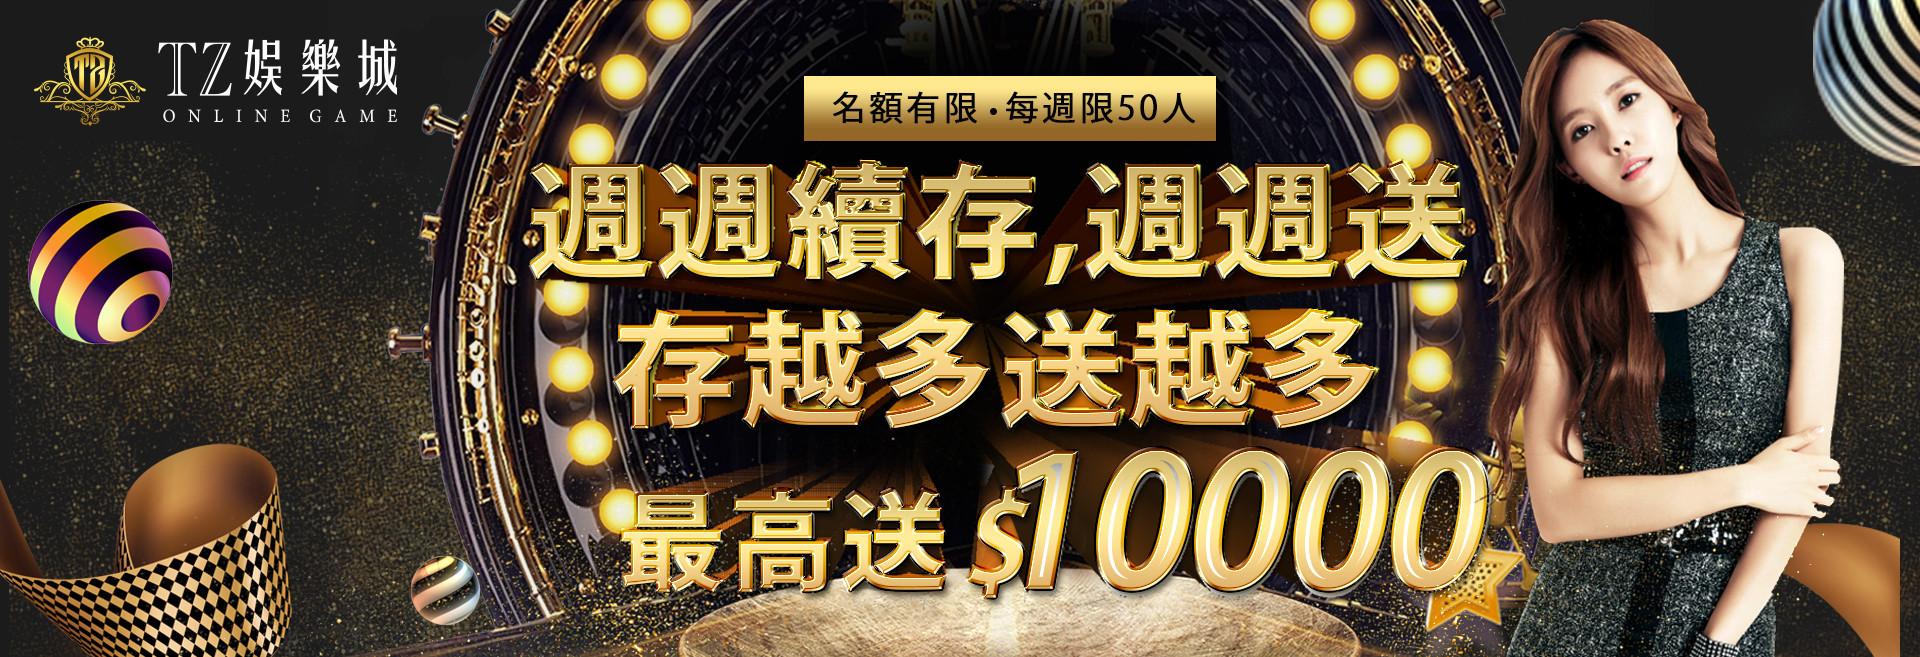 金合發直接推薦TZ娛樂1000送500